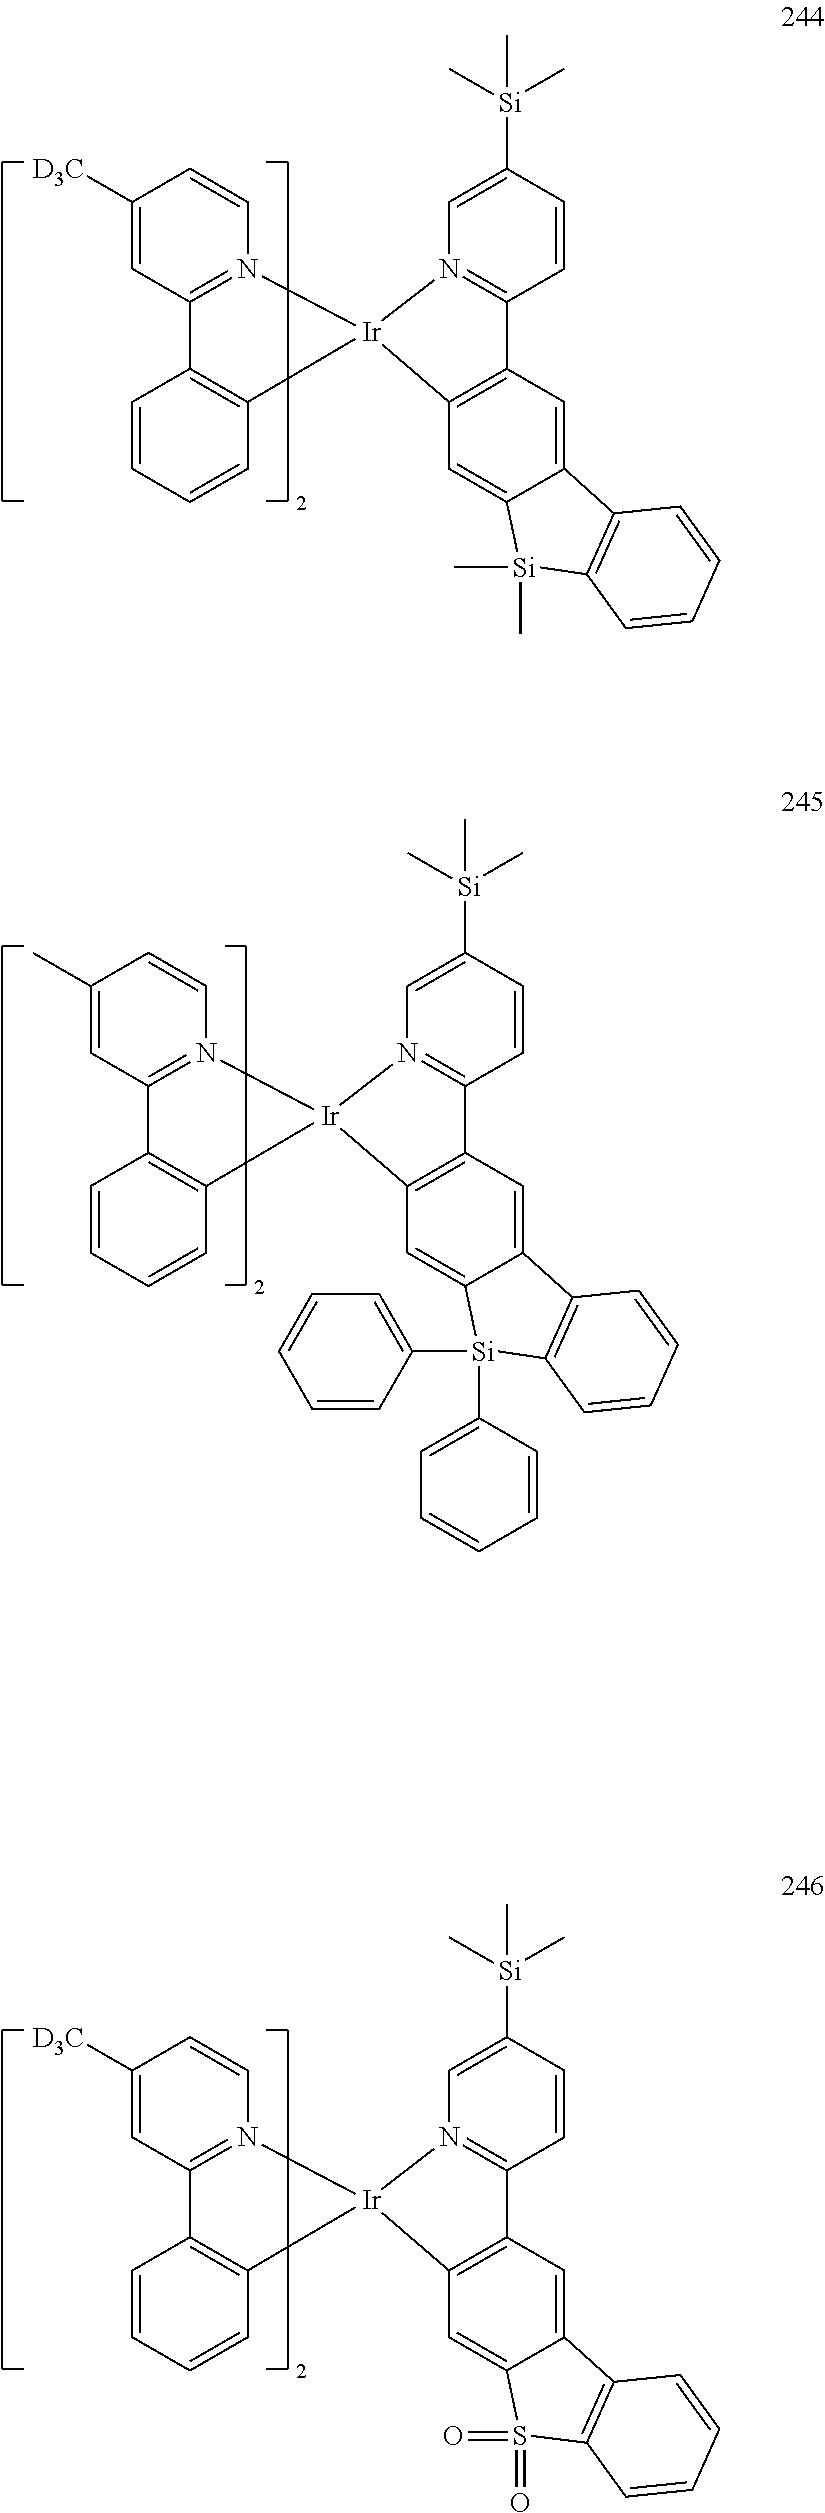 Figure US20160155962A1-20160602-C00136